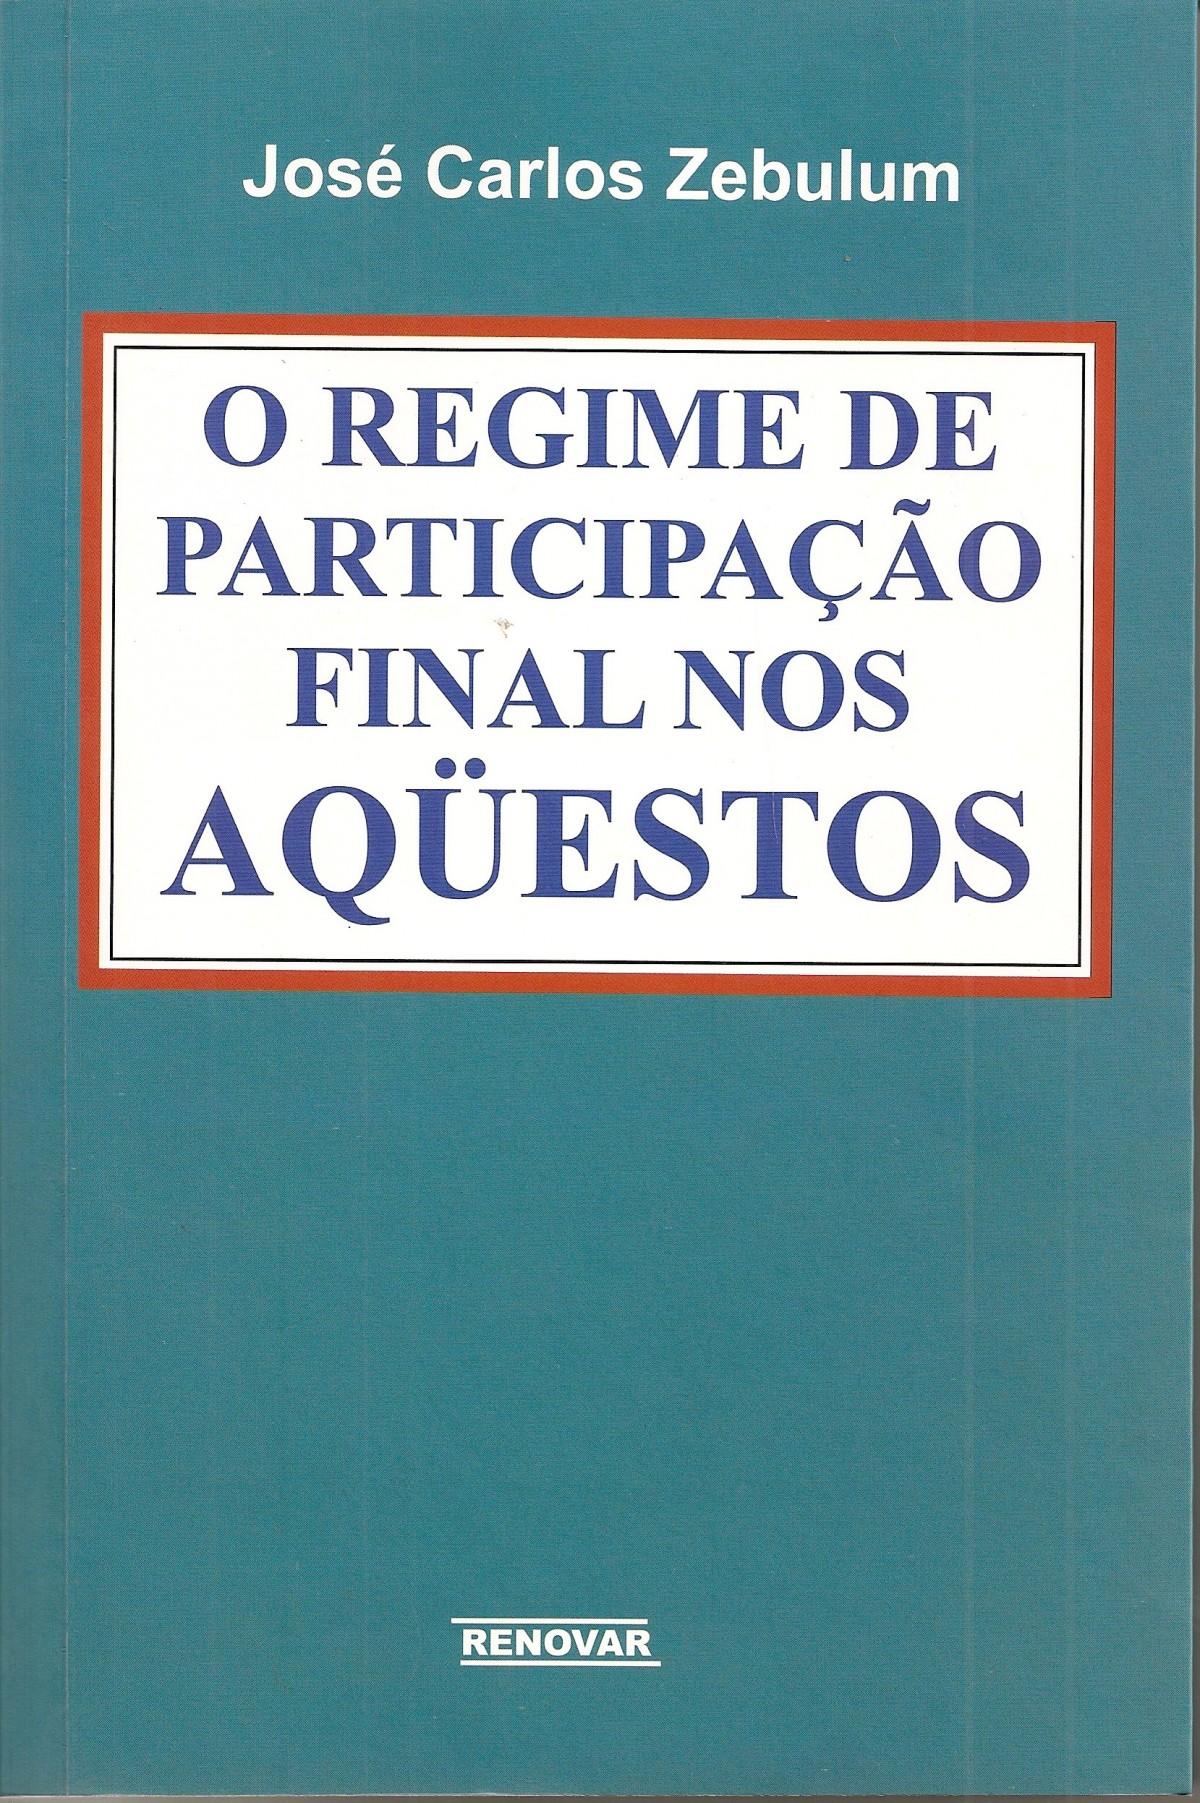 Foto 1 - O Regime de Participação Final nos Aqüestos